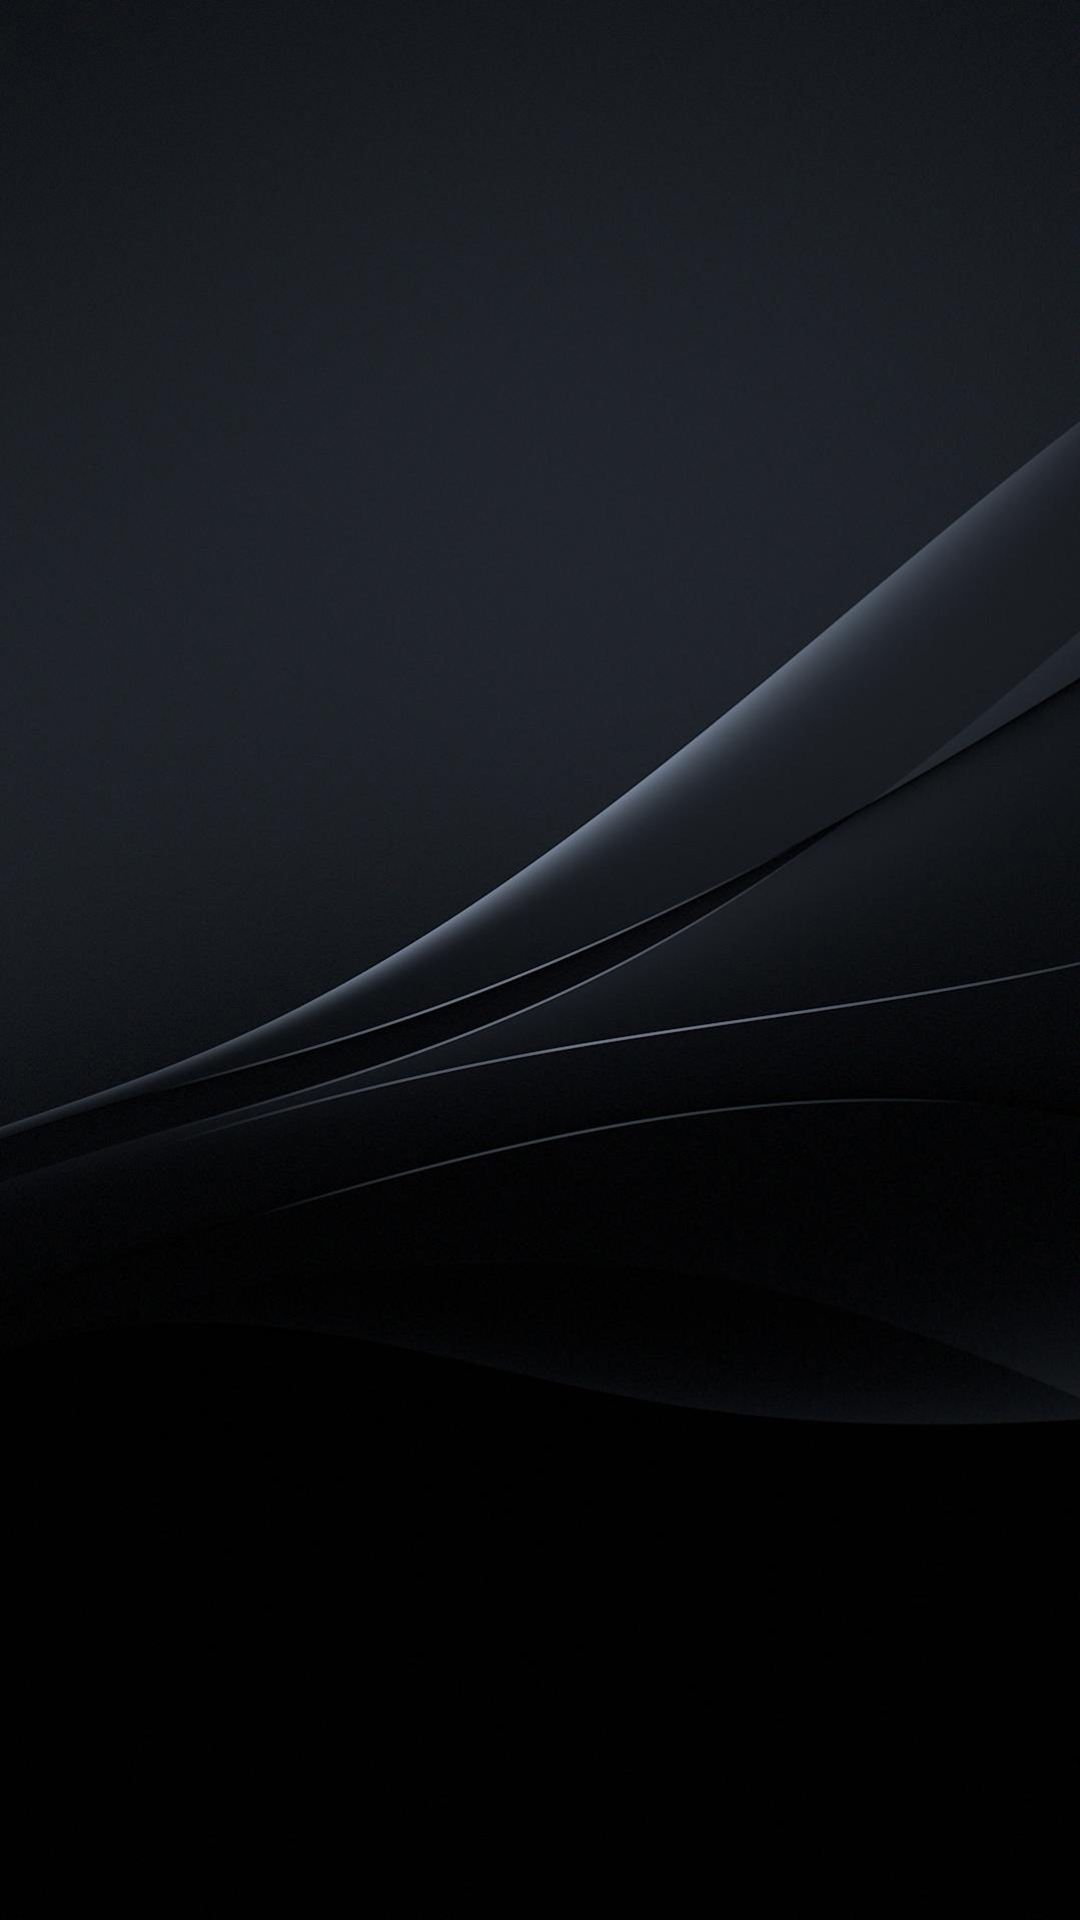 黑色风格酷炫手机壁纸